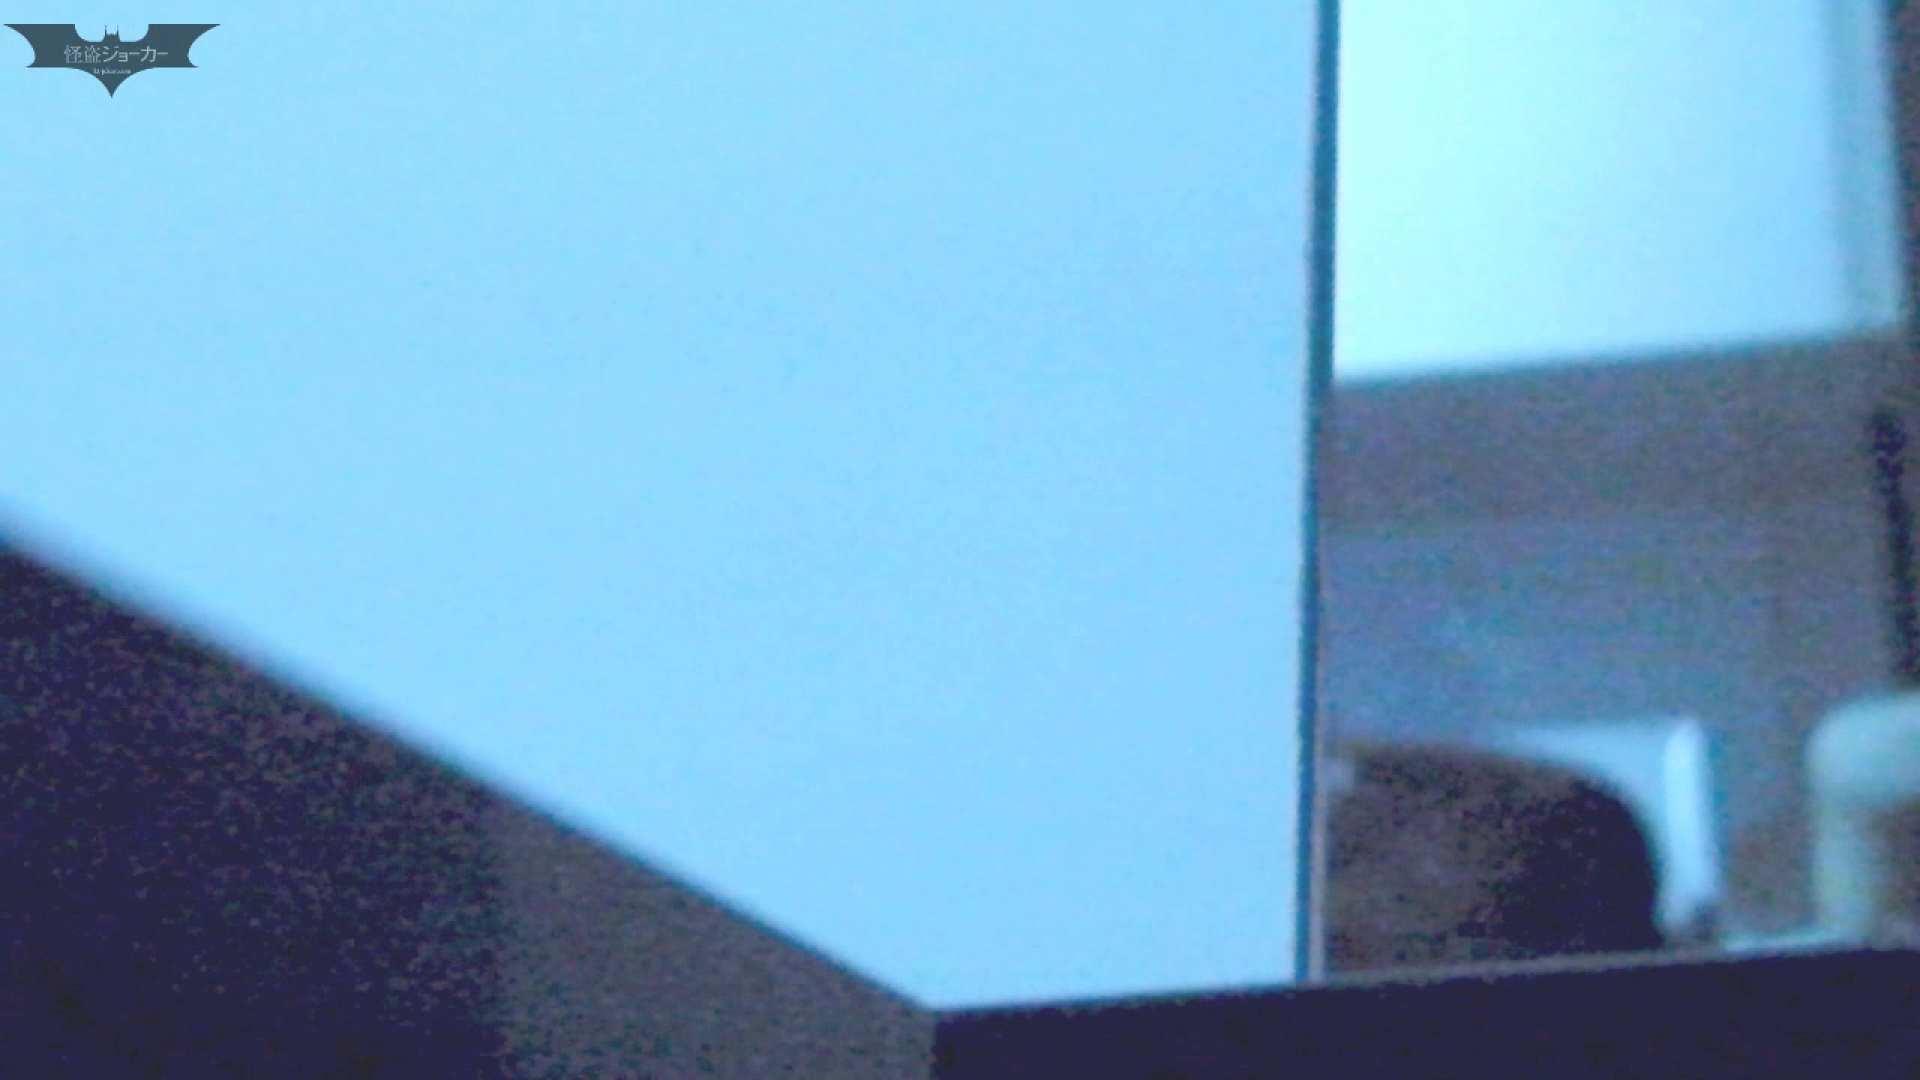 新世界の射窓 No61来ました!「ビジョビジョ」の美女達が・・・ 洗面所 われめAV動画紹介 39連発 14